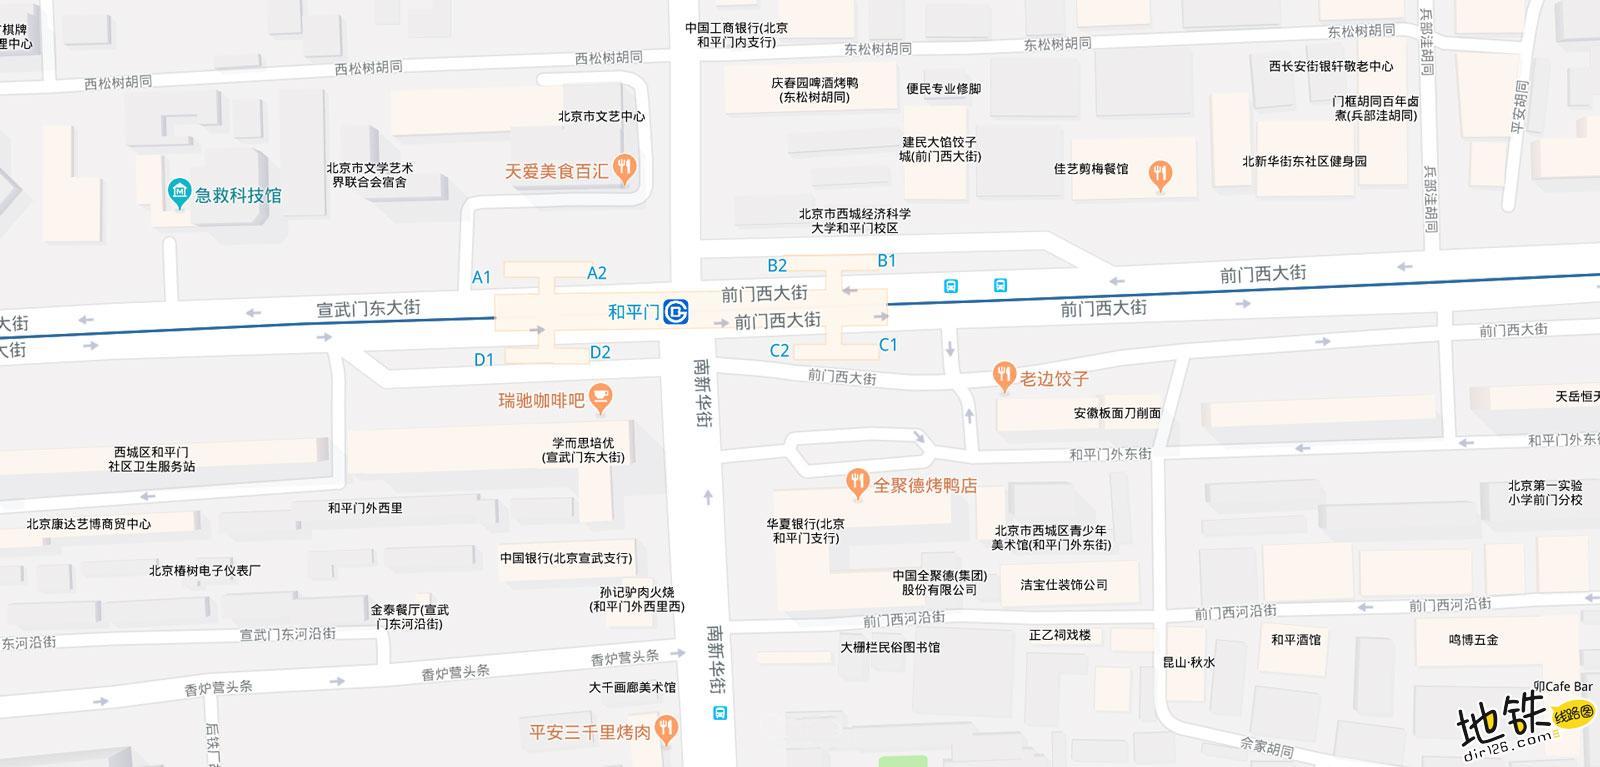 和平门地铁站 北京地铁和平门站出入口 地图信息查询  北京地铁站  第2张